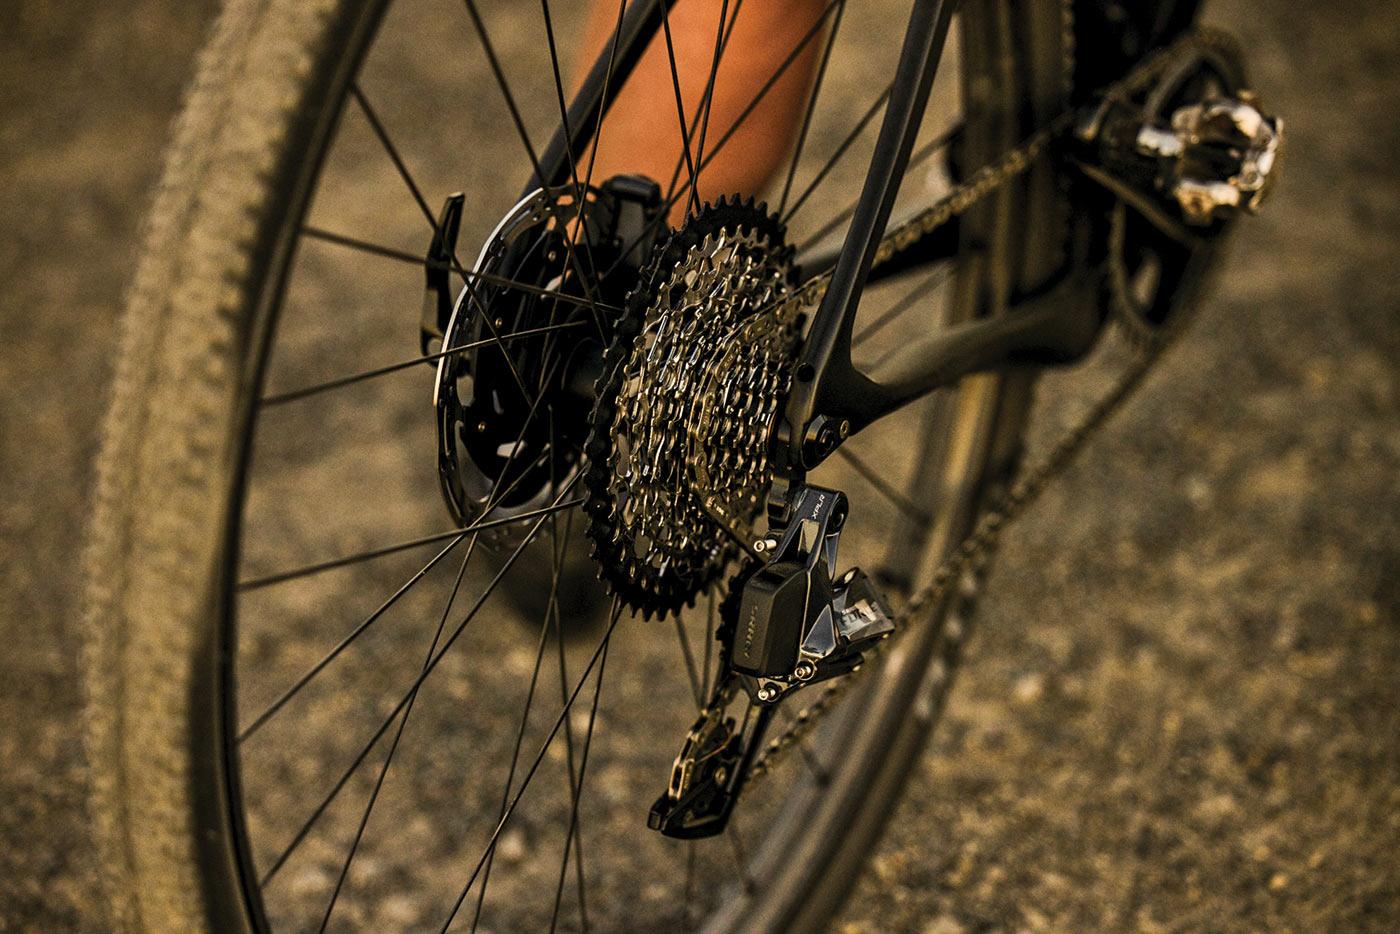 sram axs xplr gravel bike drivetrains on a bike